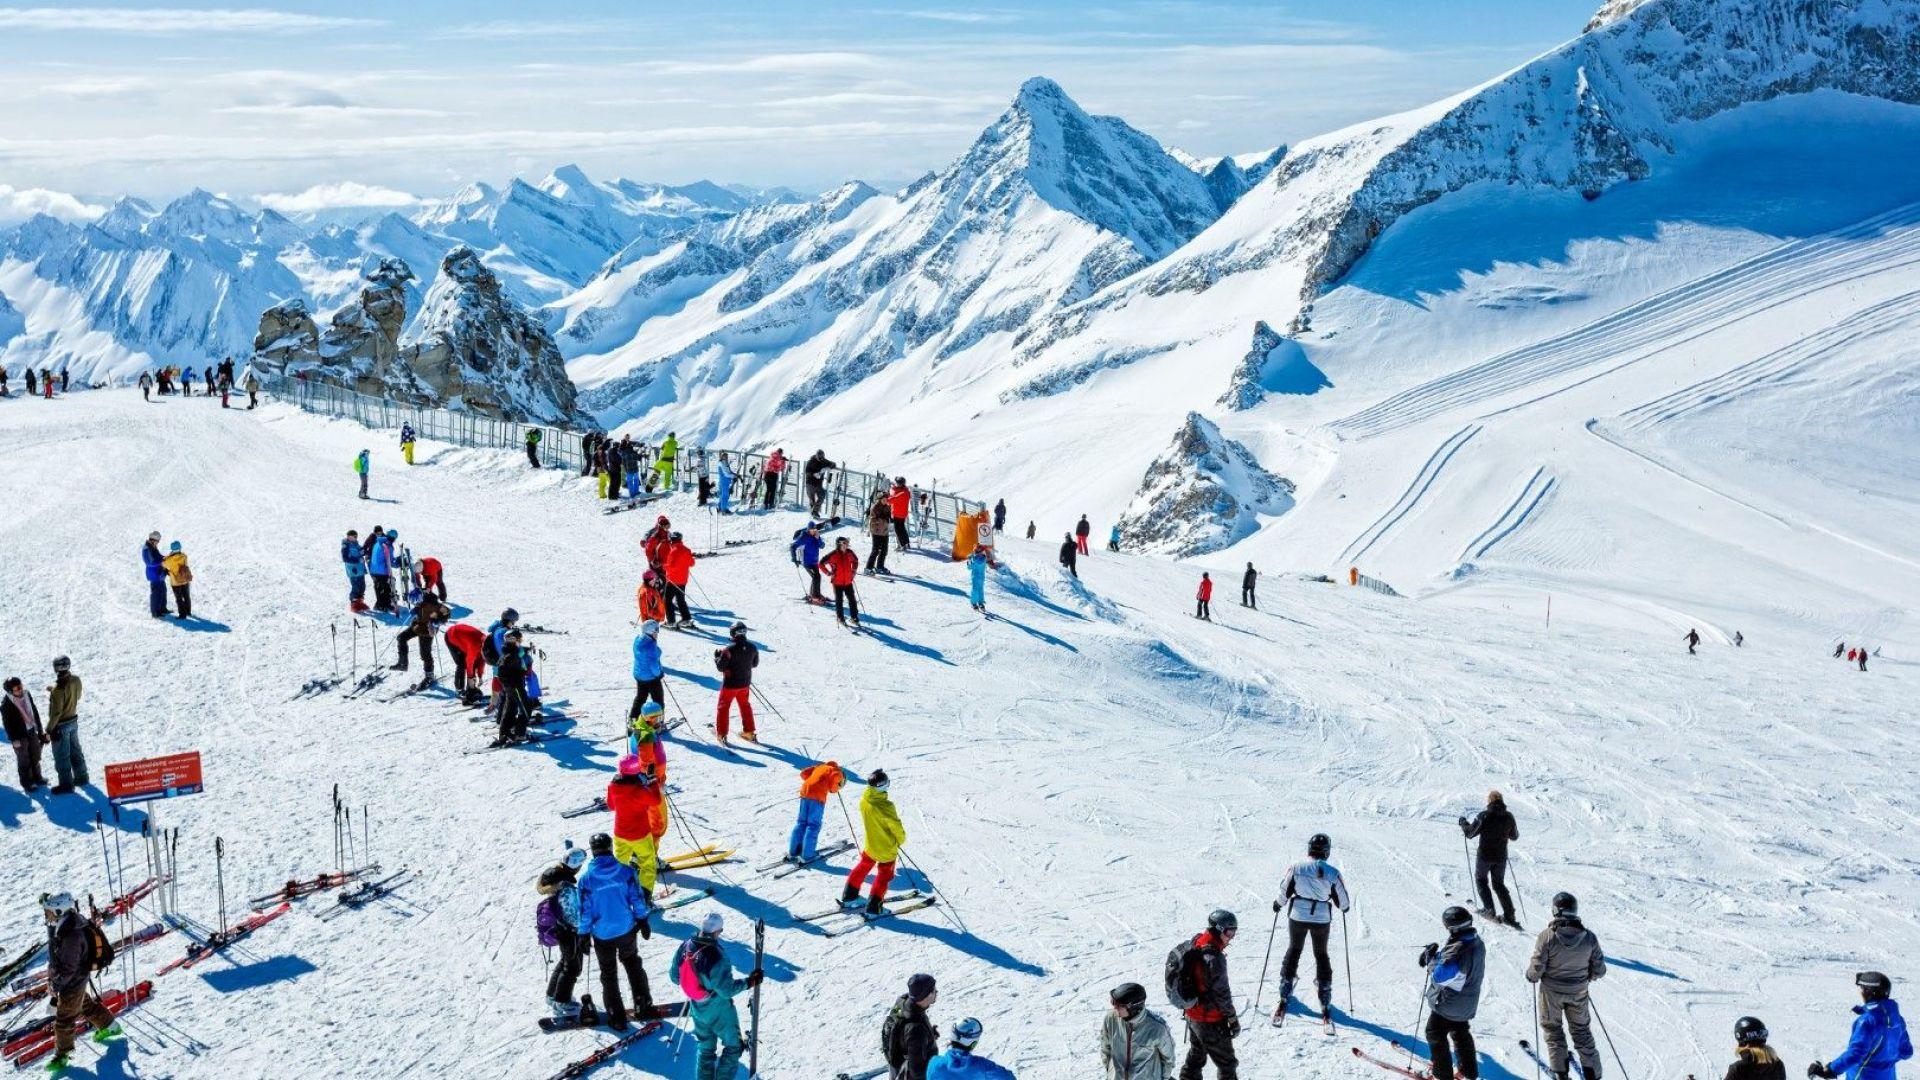 Ски курортът Хинтертукс в провинция Тирол, Австрия